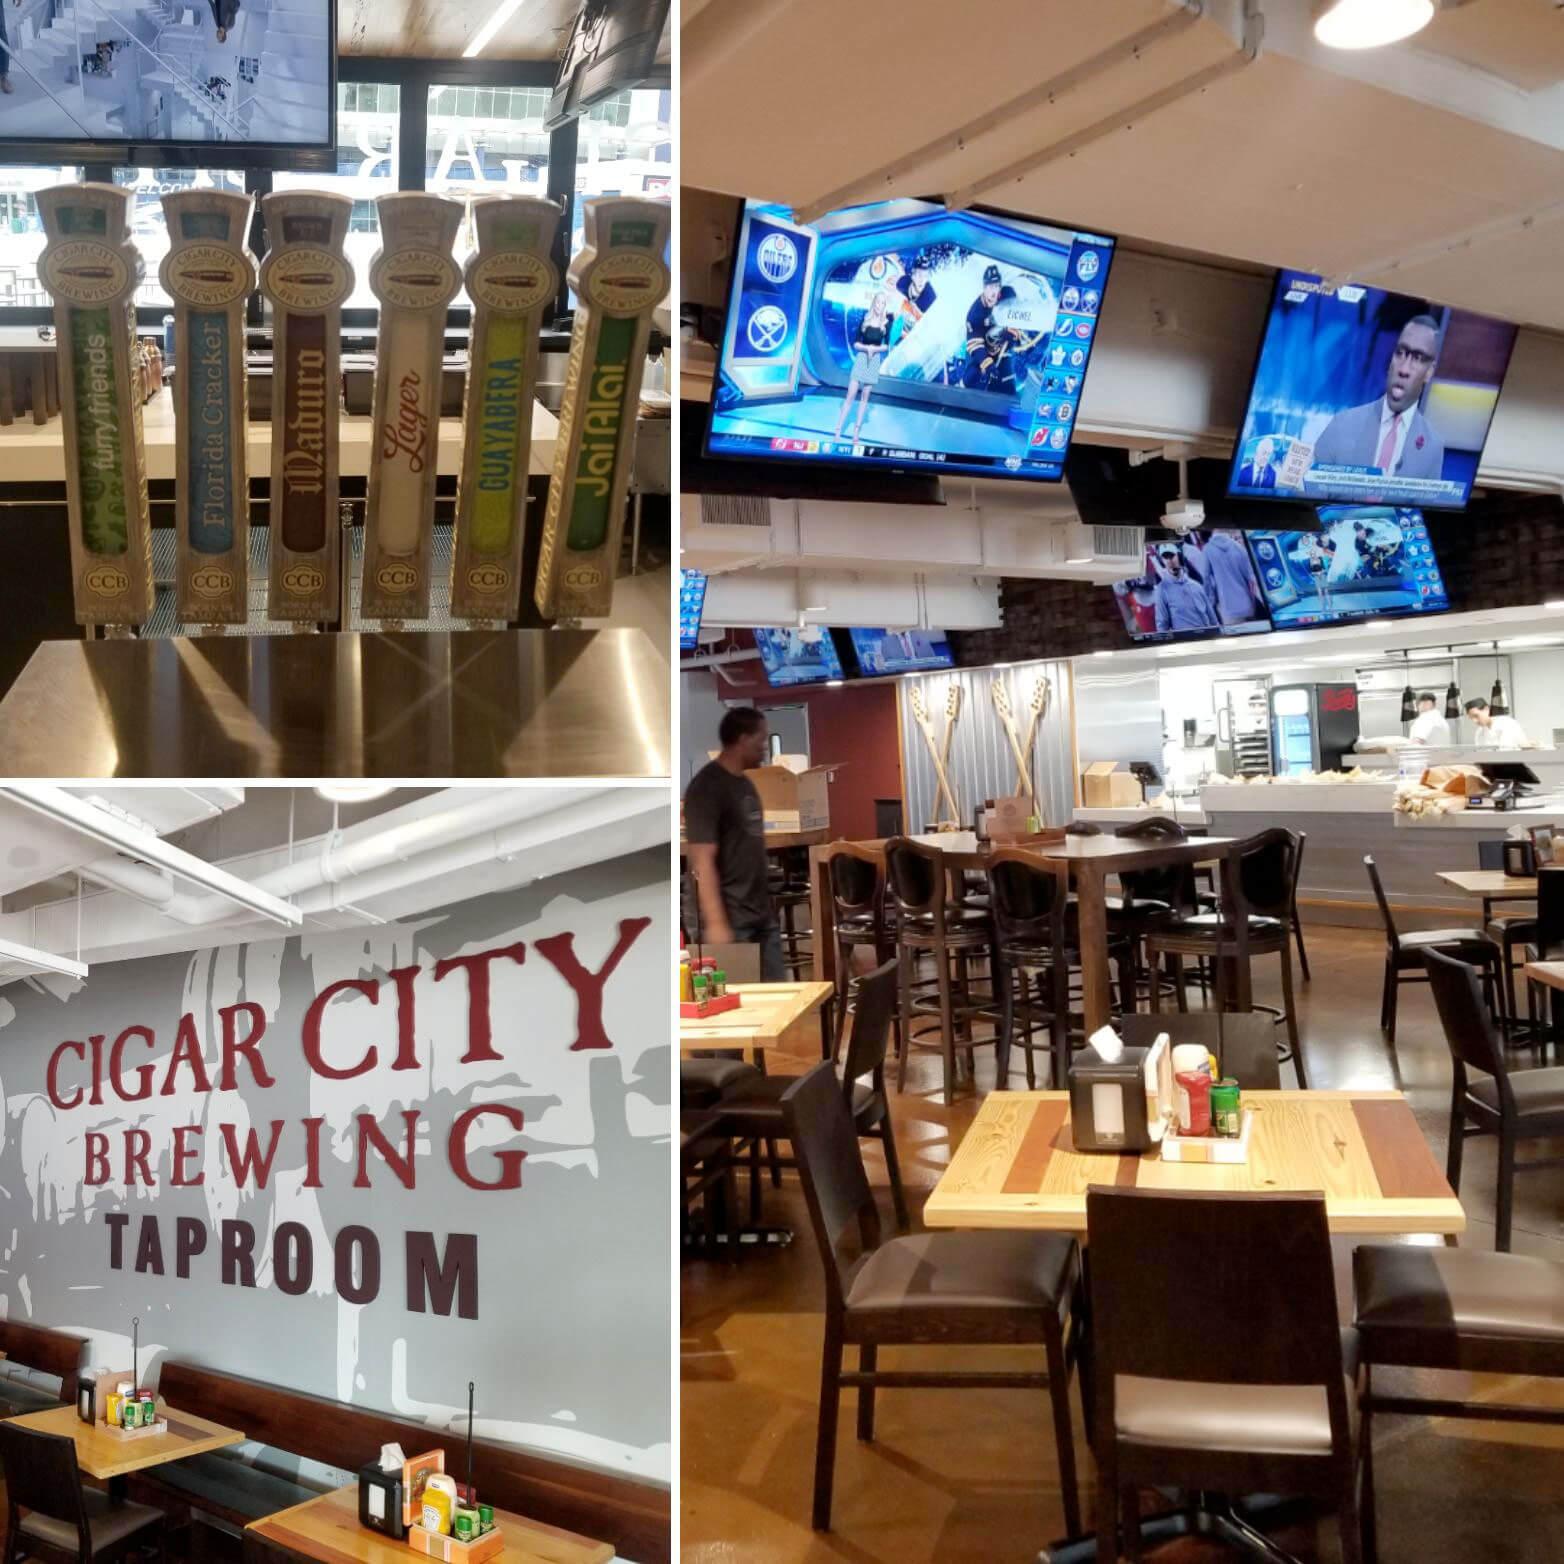 Photos intérieures de la nouvelle salle de brasserie Cigar City Brewing à l'AMALIE Arena de Tampa, en Floride